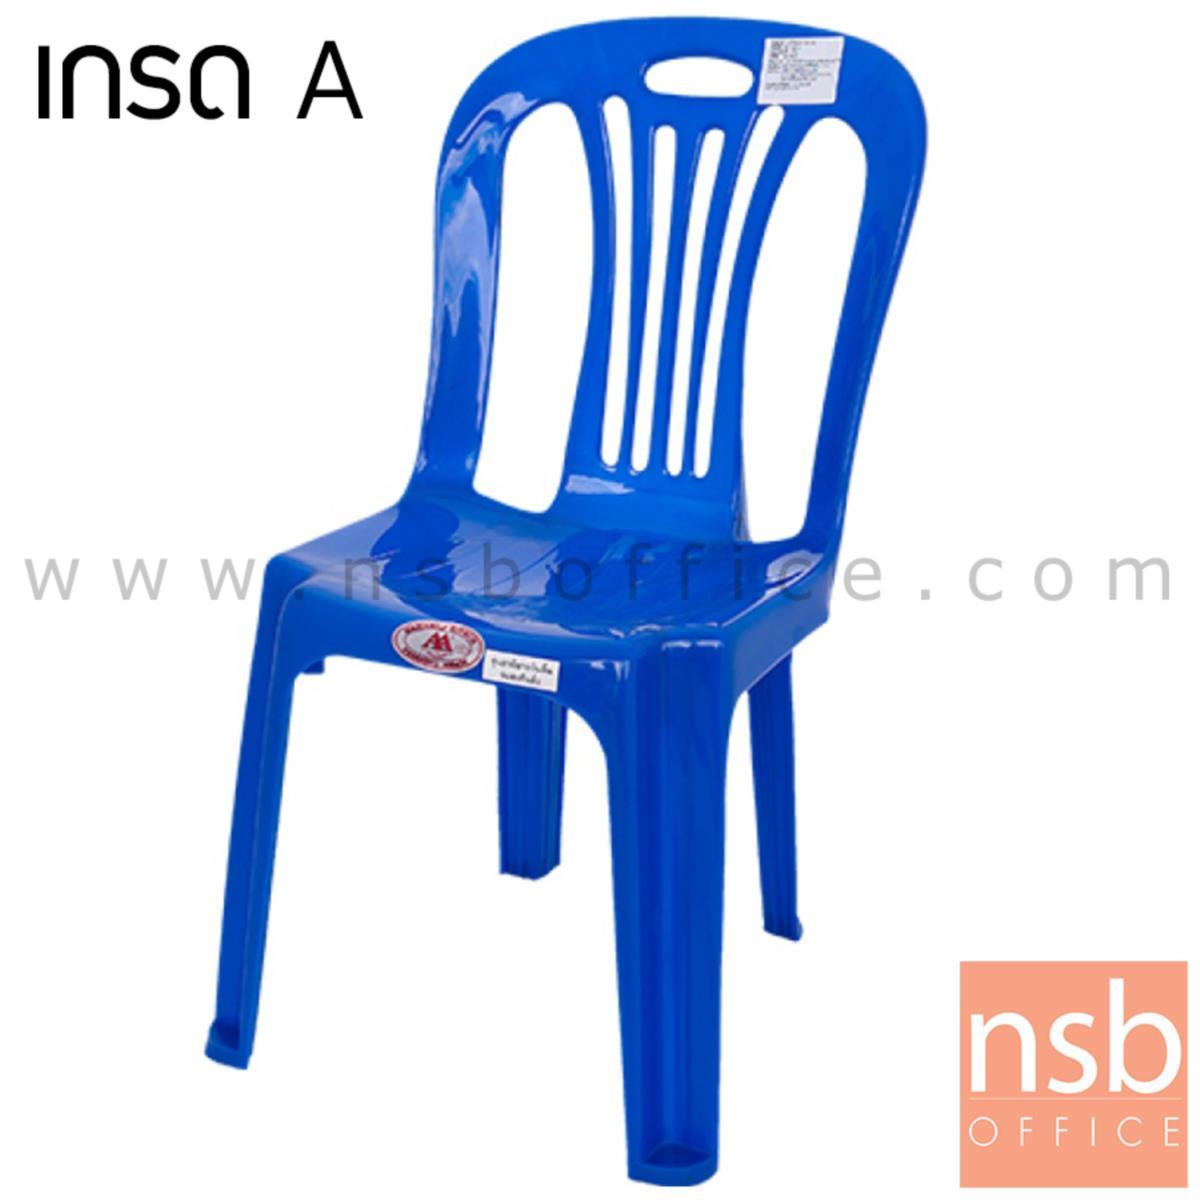 เก้าอี้พลาสติกสำหรับเด็ก รุ่น KID_CHAIR ซ้อนเก็บได้ (พลาสติกเกรด A)